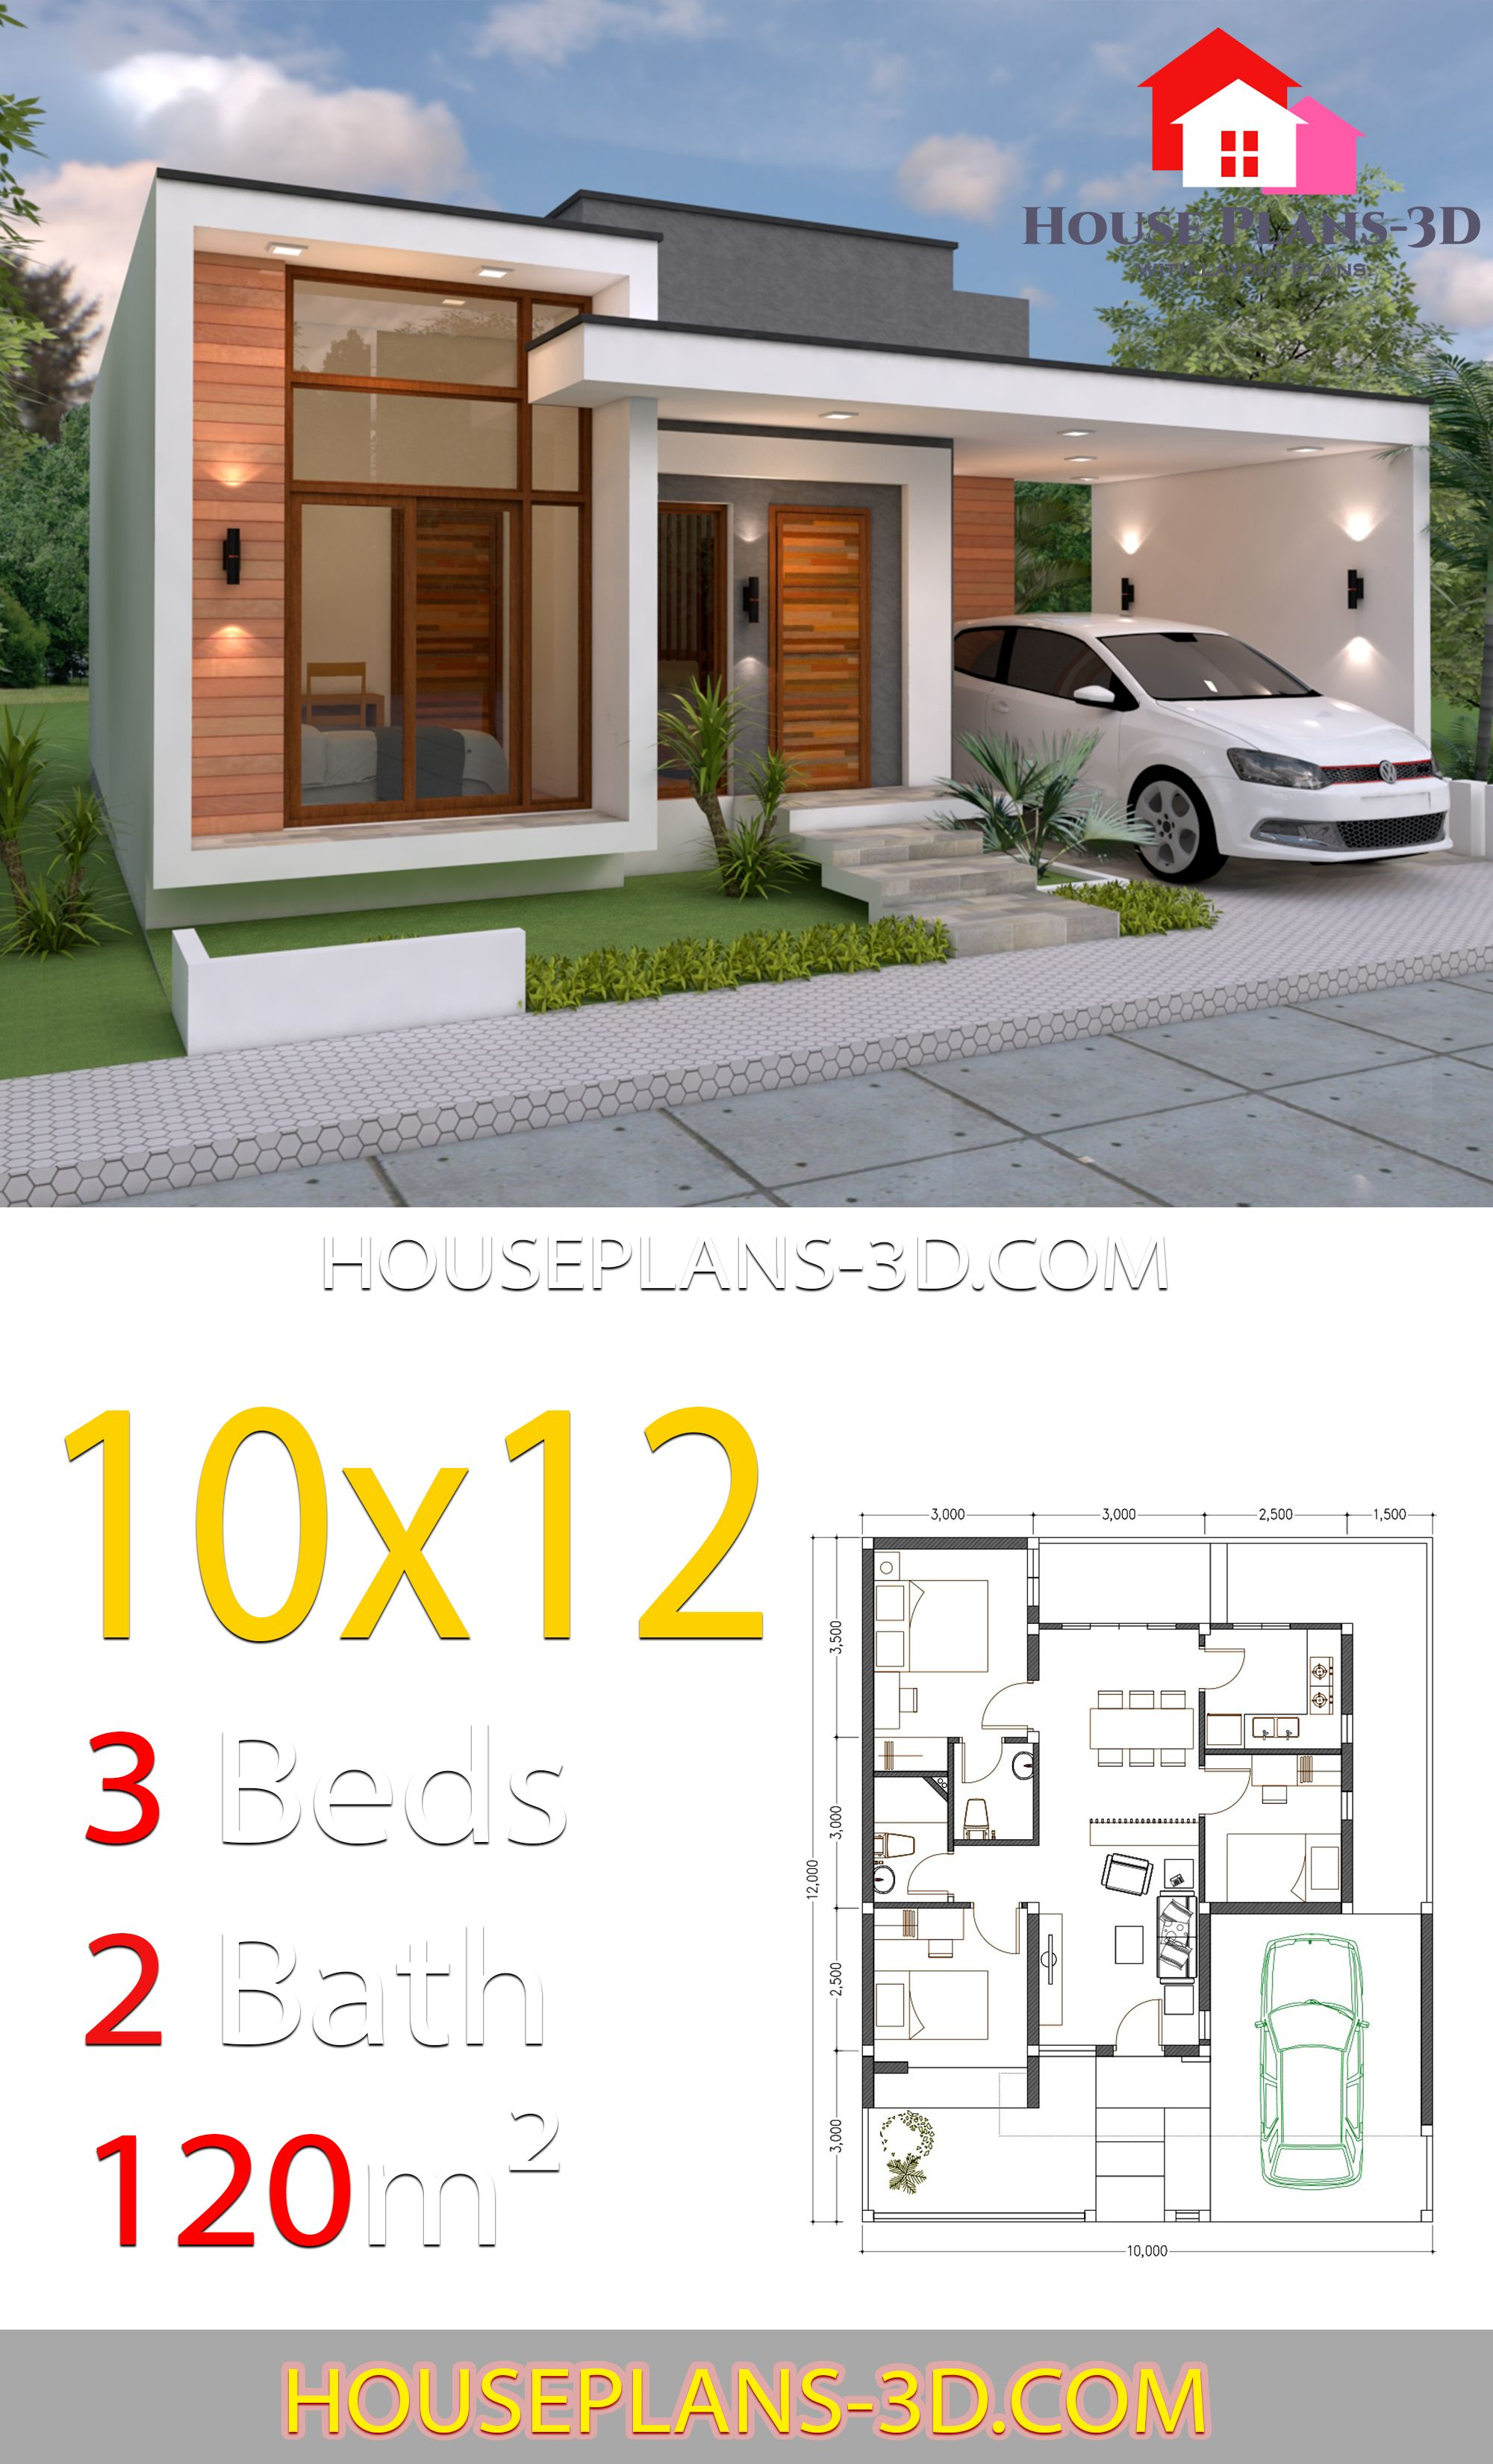 House Design 10x12 With 3 Bedrooms Terrace Roof House Plans 3d Arsitektur Rumah Denah Rumah Arsitektur